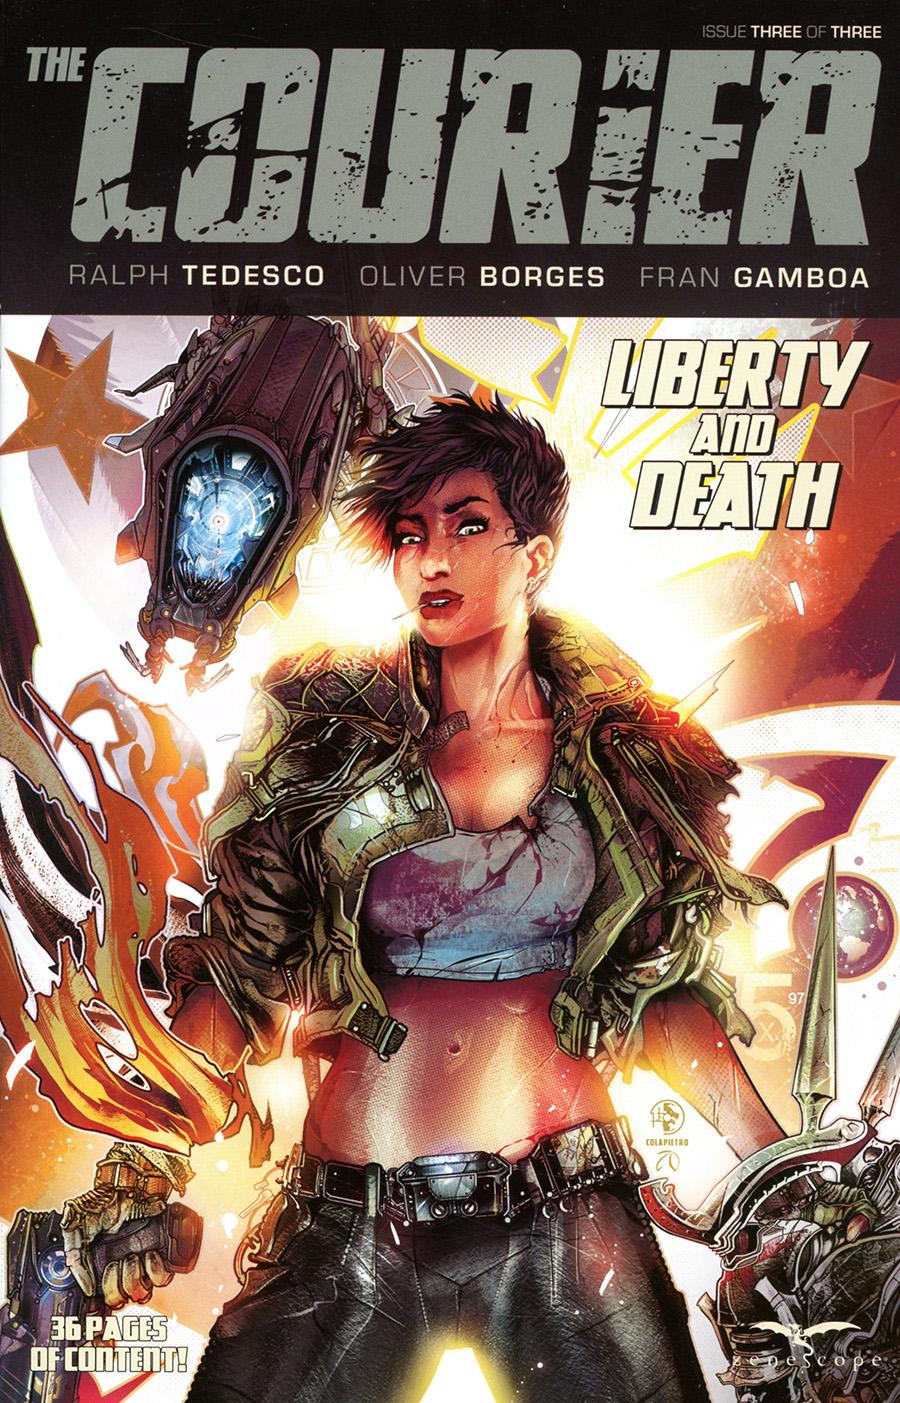 Courier Liberty And Death #3 Cover A Leonardo Colapietro